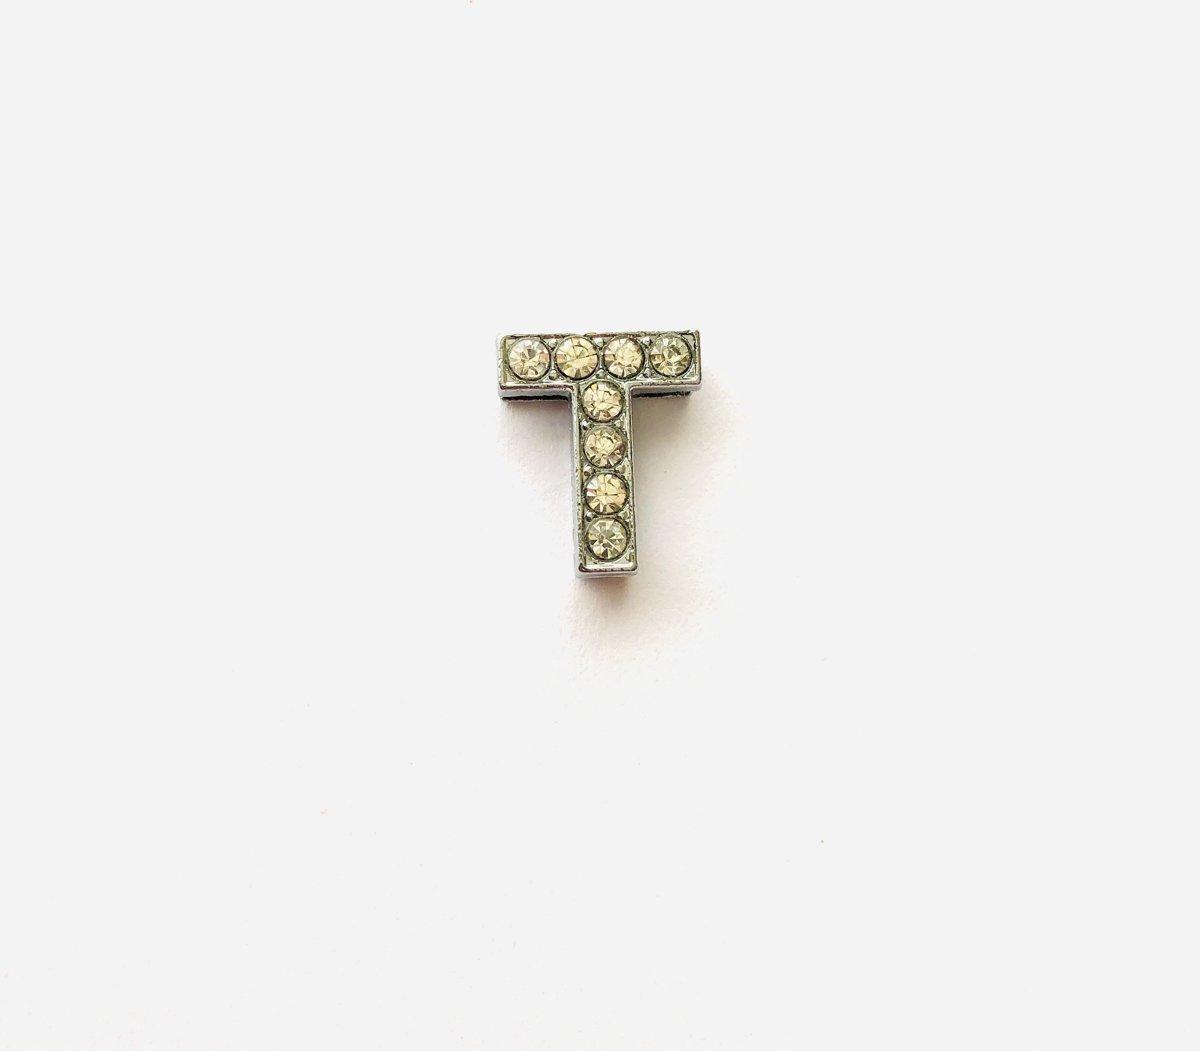 Metalen letter met zirkonia steentjes - Letter T - Personaliseer zelf kopen